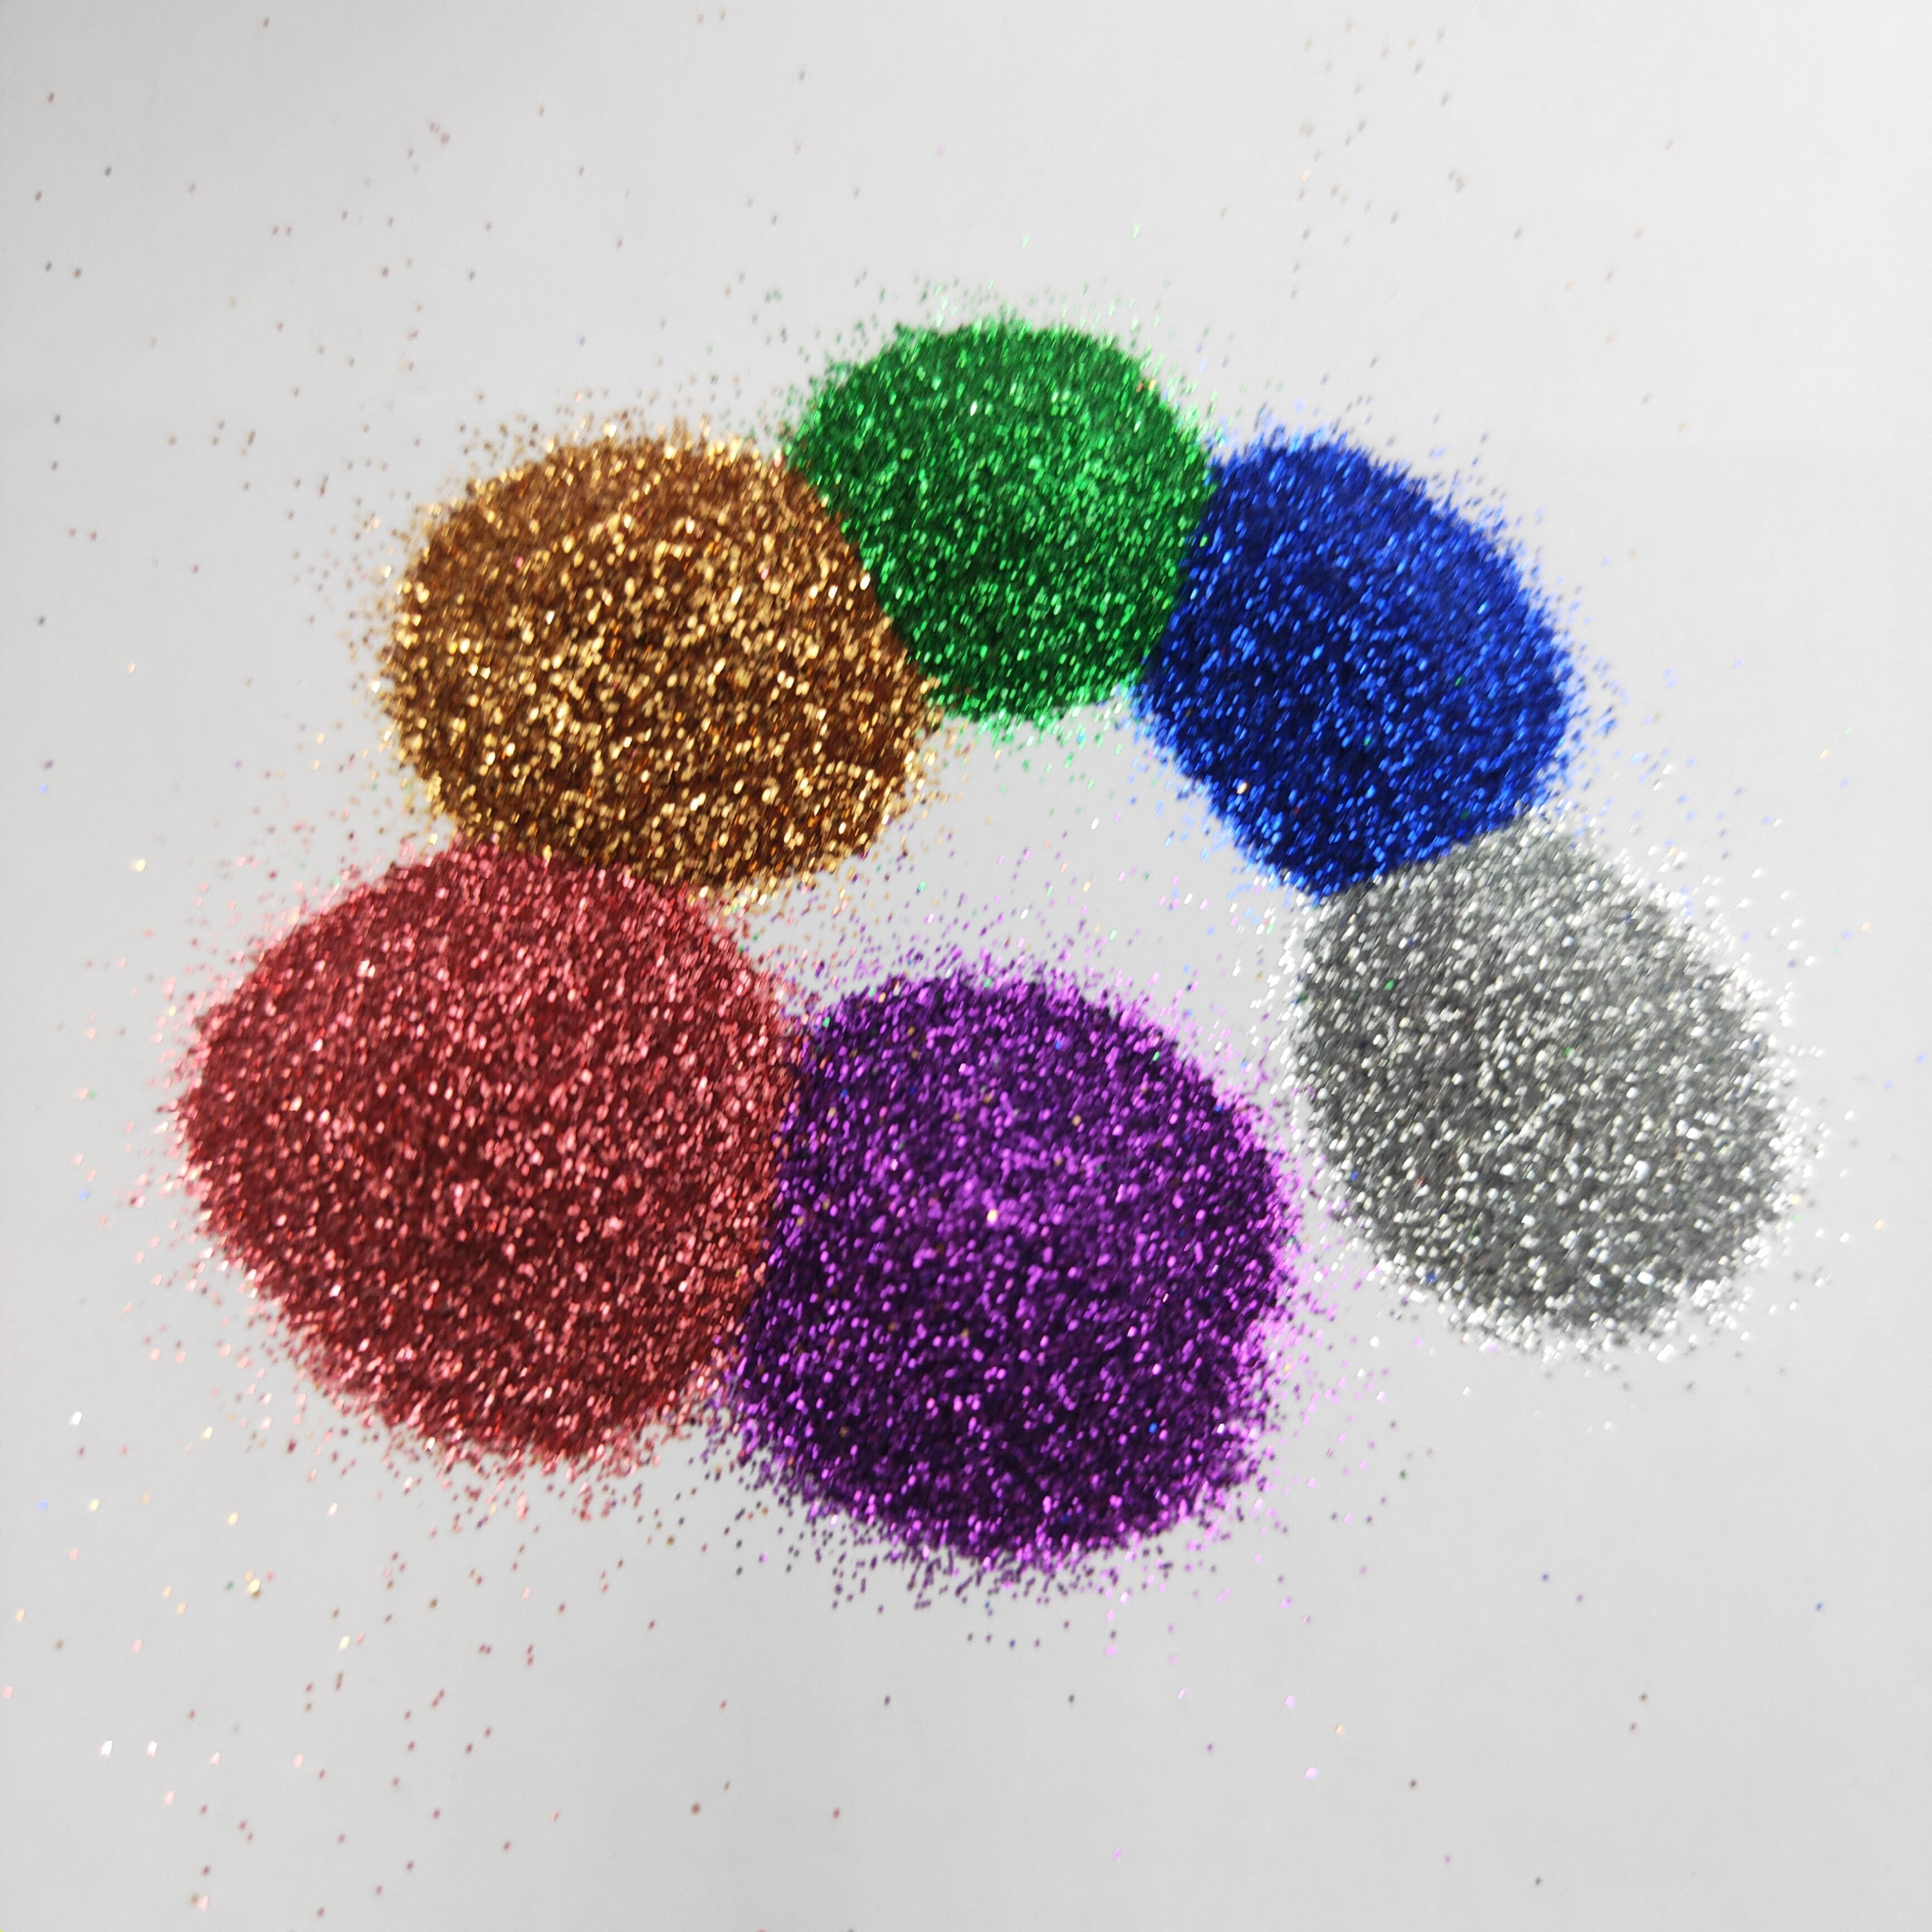 Toplu Yüksek Kalite 1kg parıltı poeces / 100 gram Glitter adet payetler ambalaj parıltılı / 500grams paketi